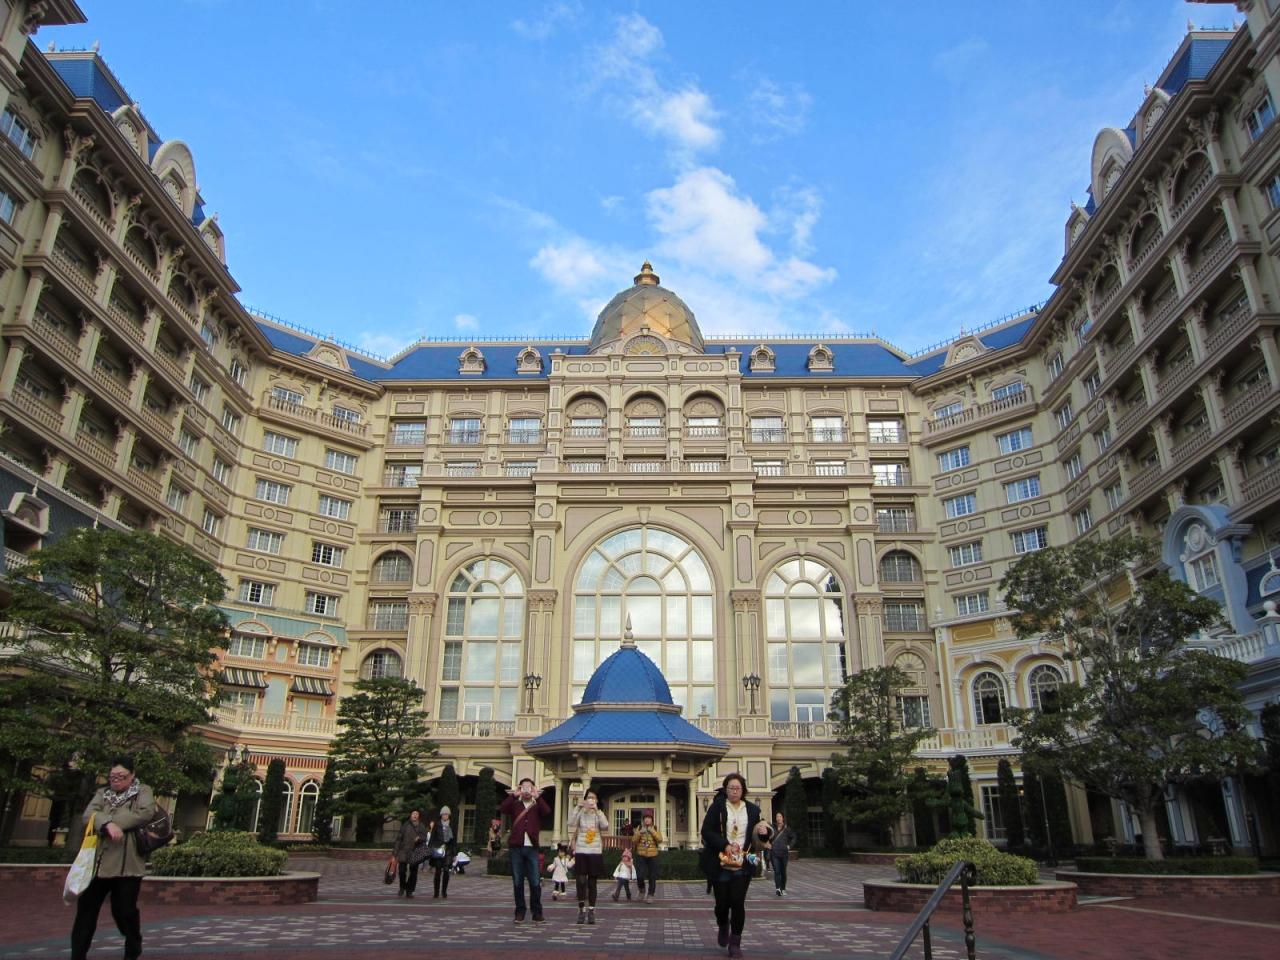 憧れのディズニーランドホテル』東京ディズニーリゾート(千葉県)の旅行記